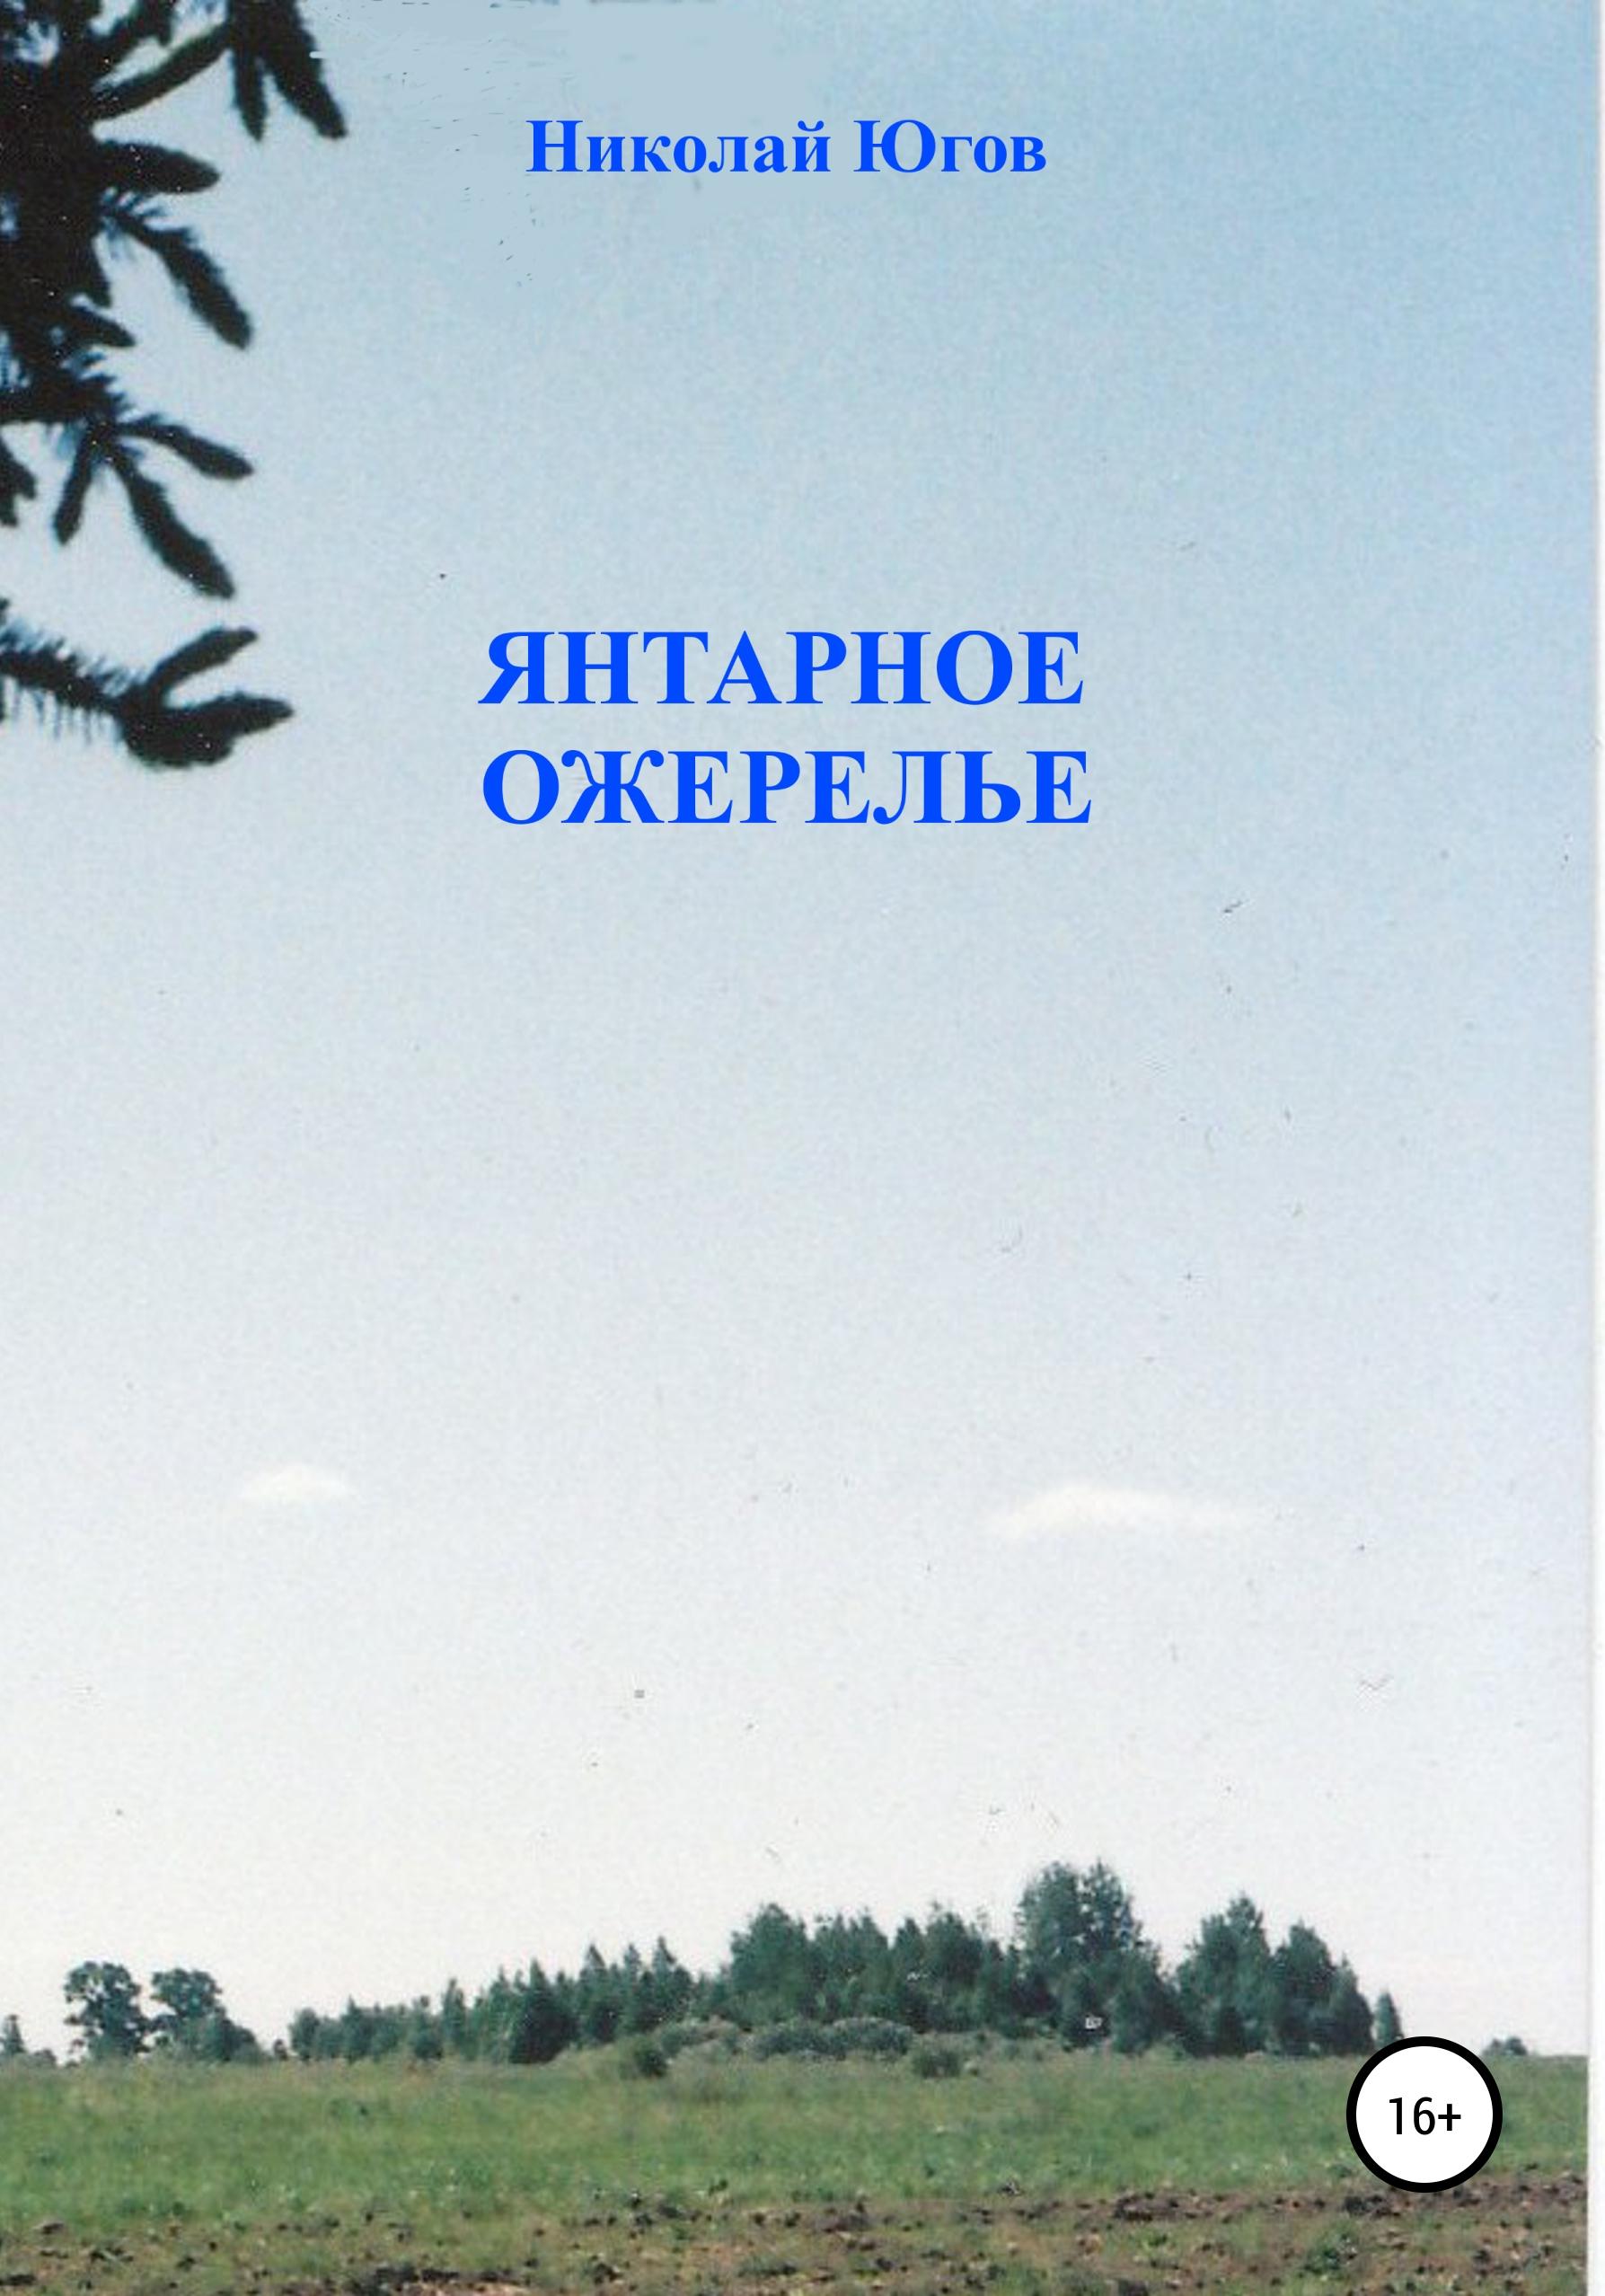 Николай Югов - Янтарное ожерелье